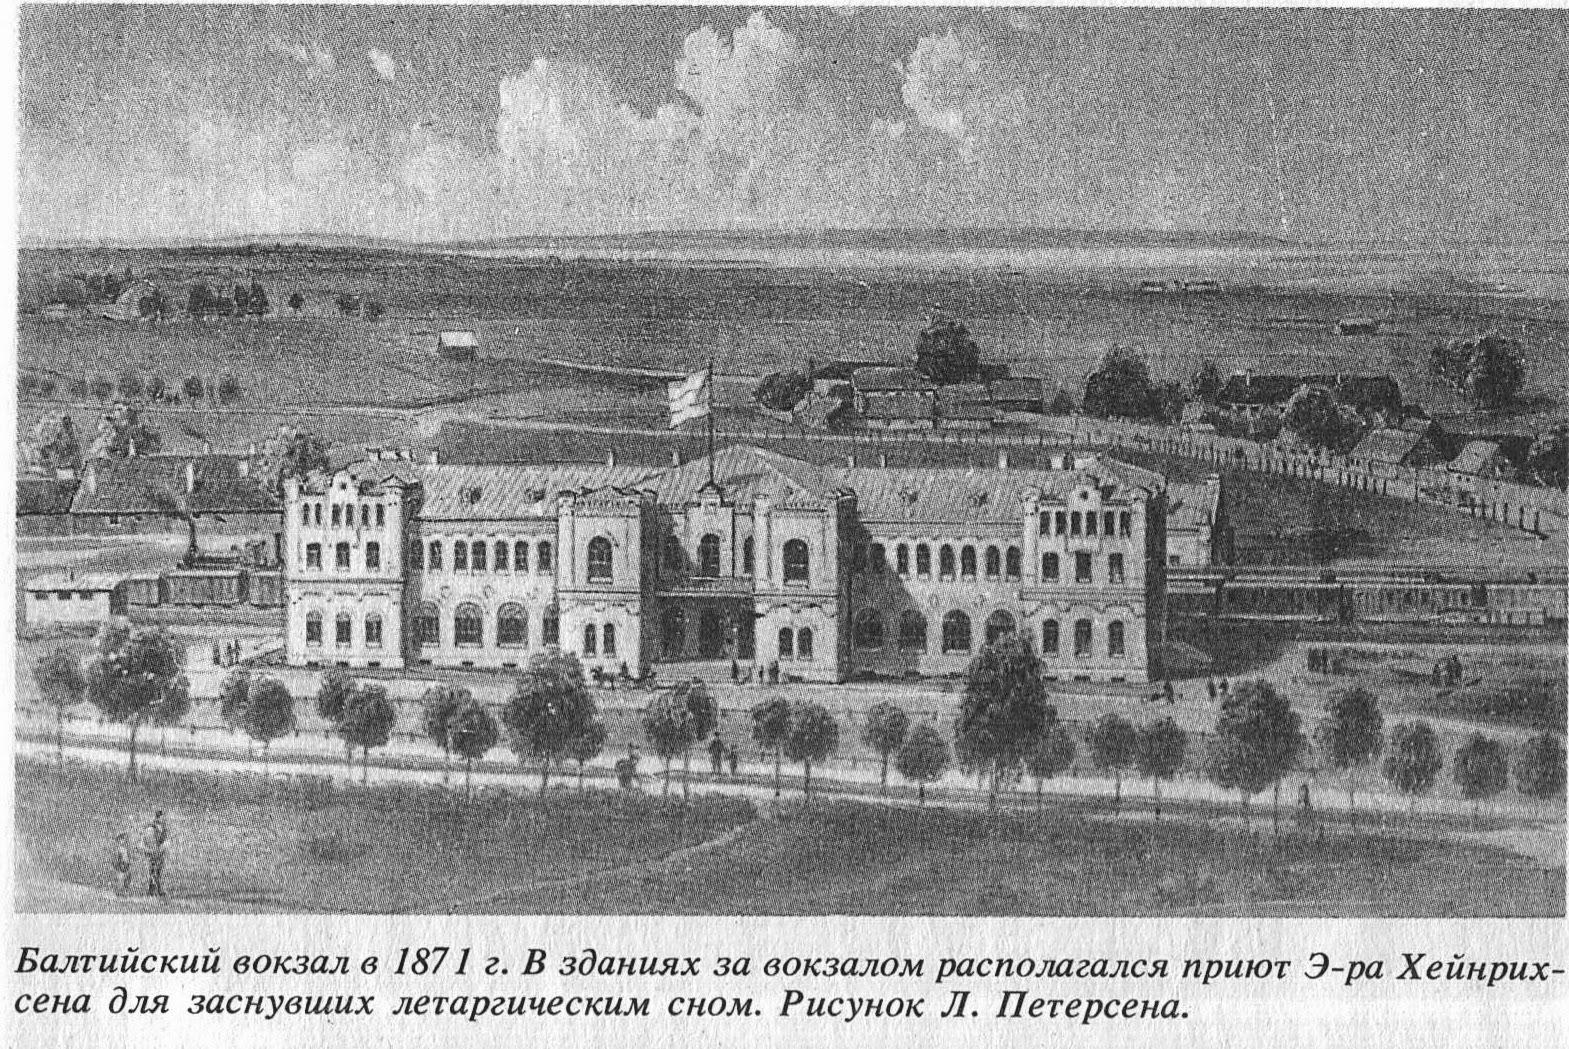 Балтийский вокзал в Таллинне